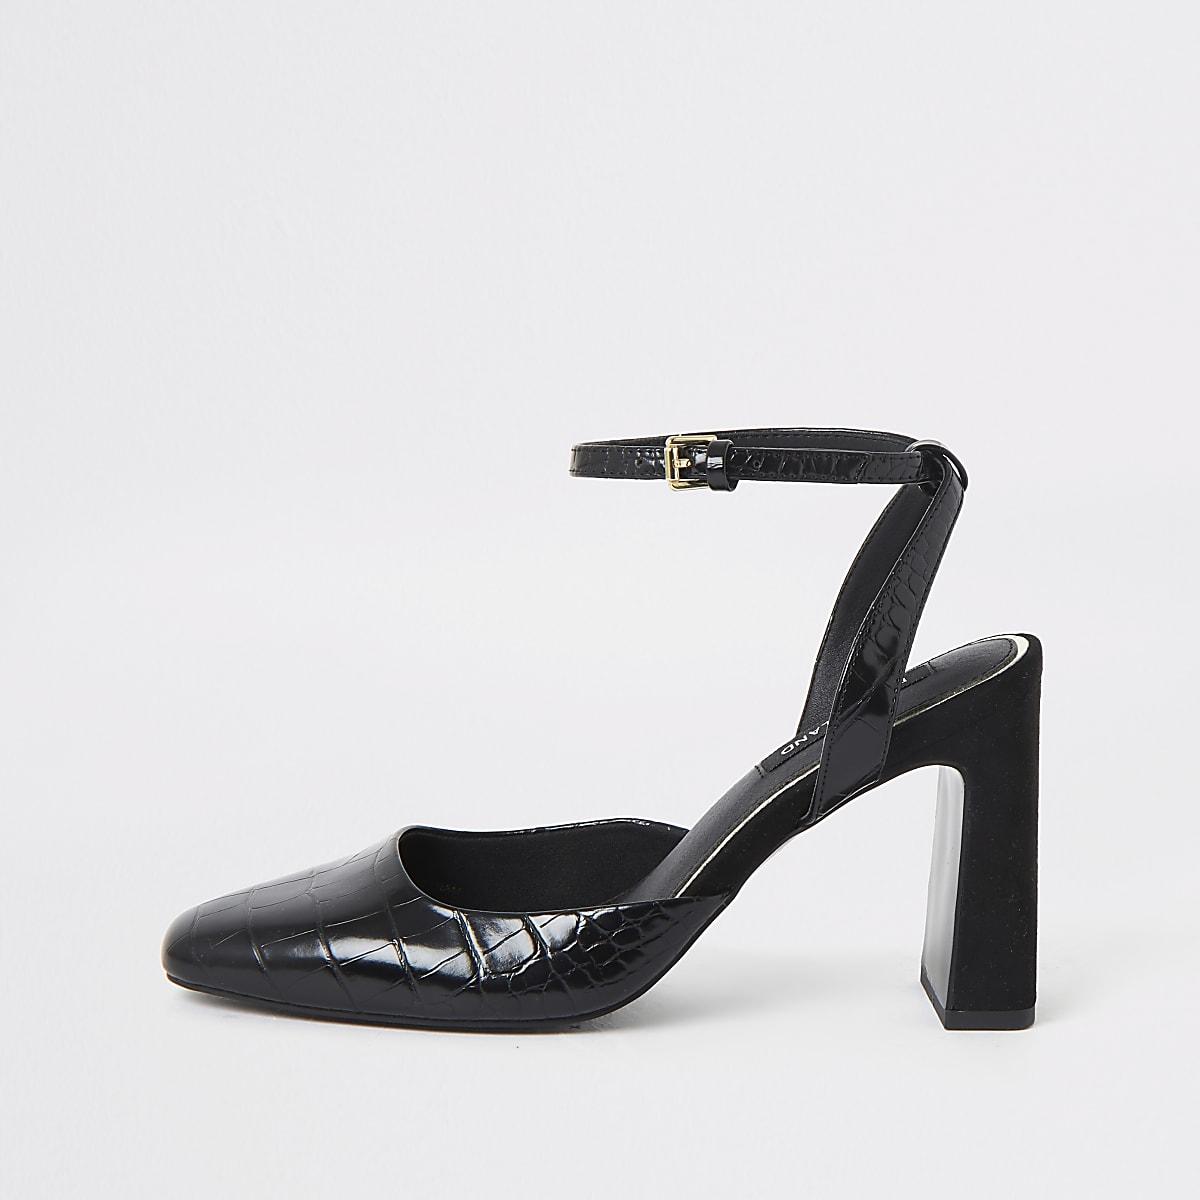 Zwarte pumps met hak, krokodillenprint en vierkante neus